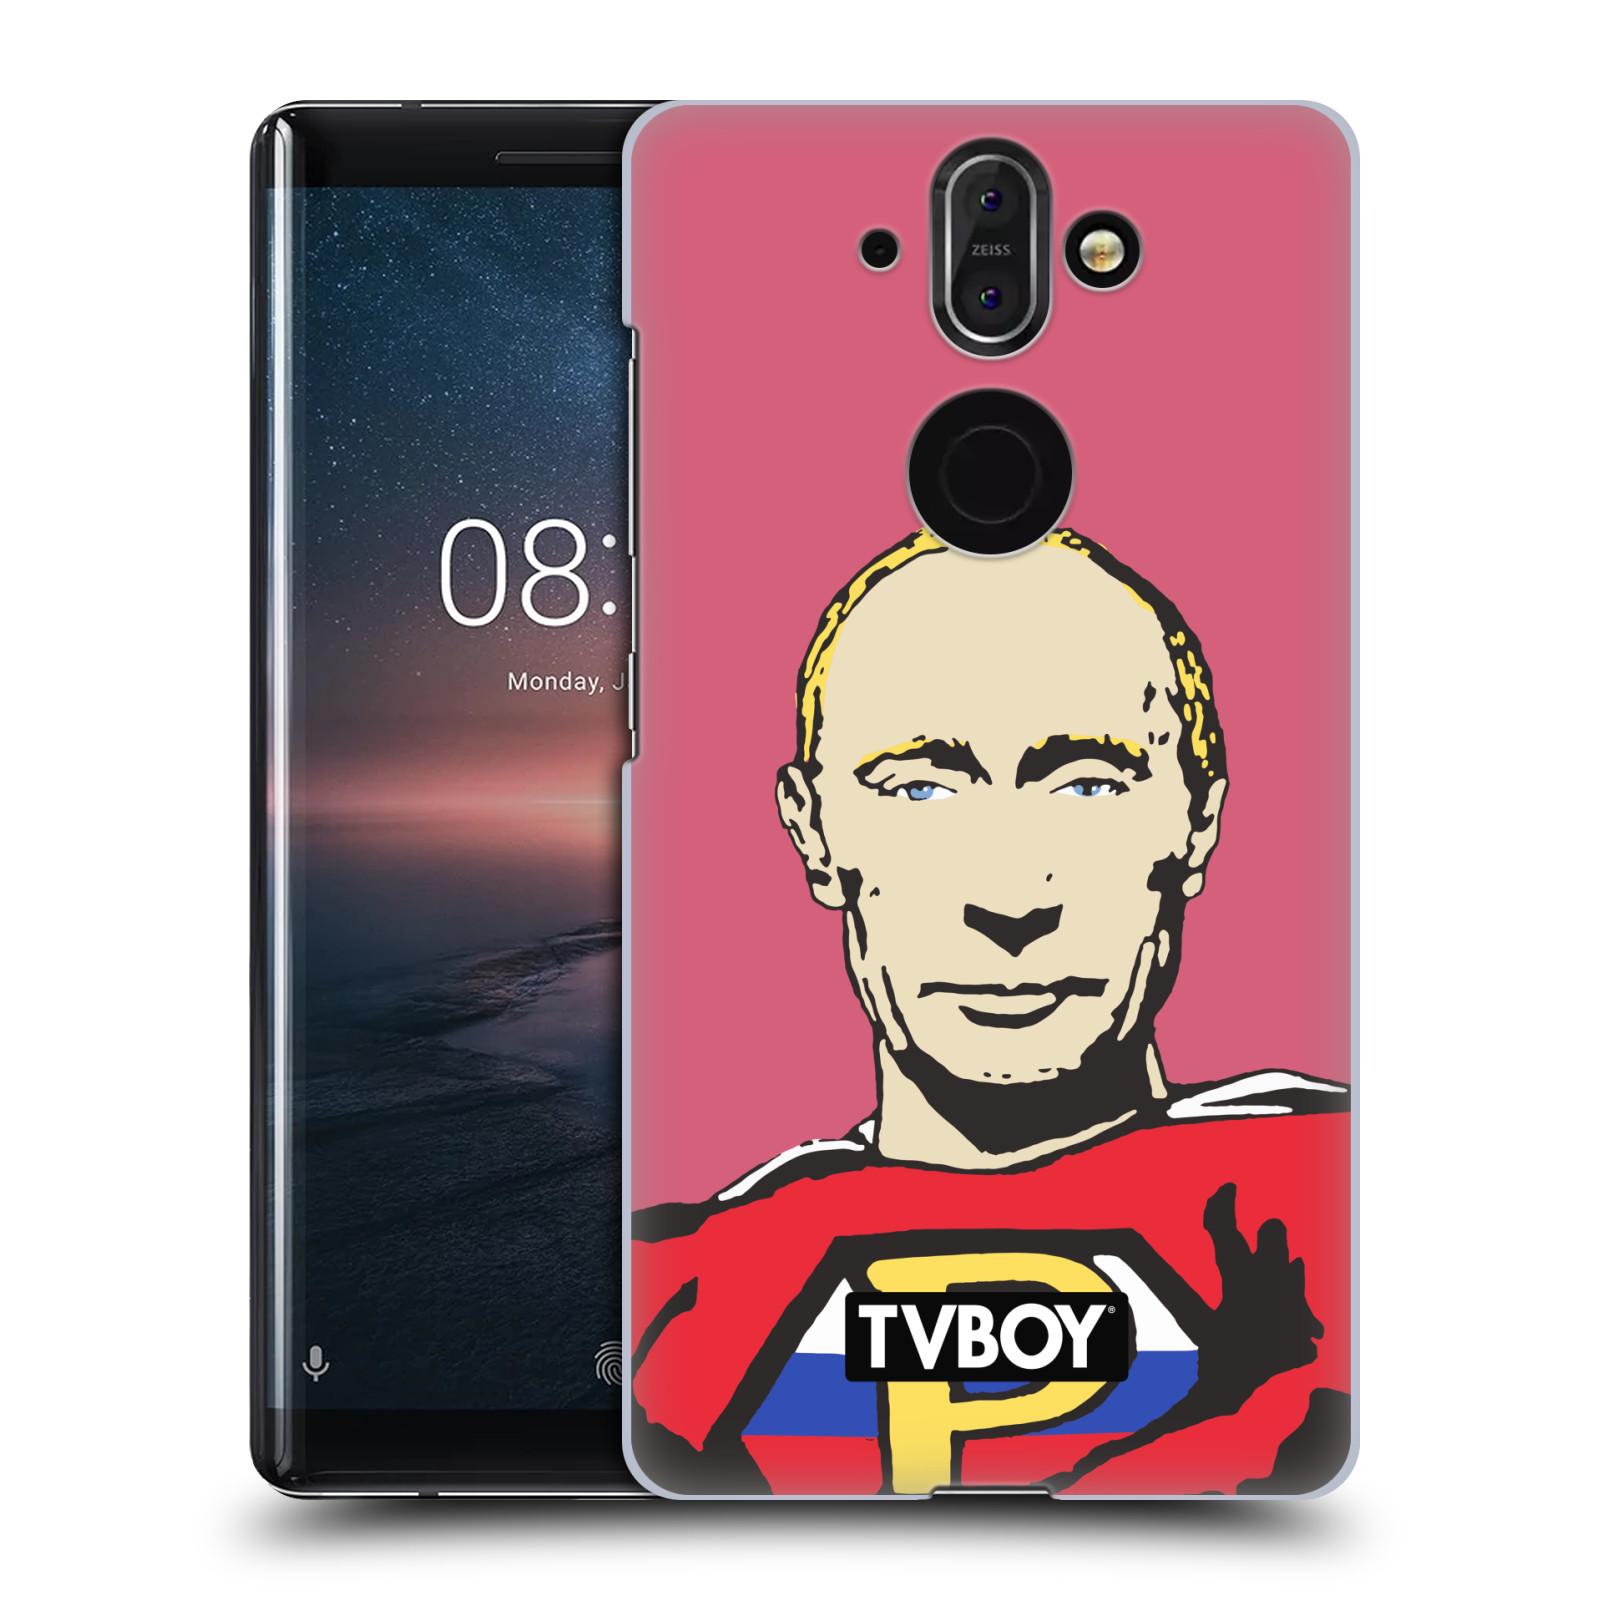 Plastové pouzdro na mobil Nokia 8 Sirocco - Head Case - TVBOY - Super Putin